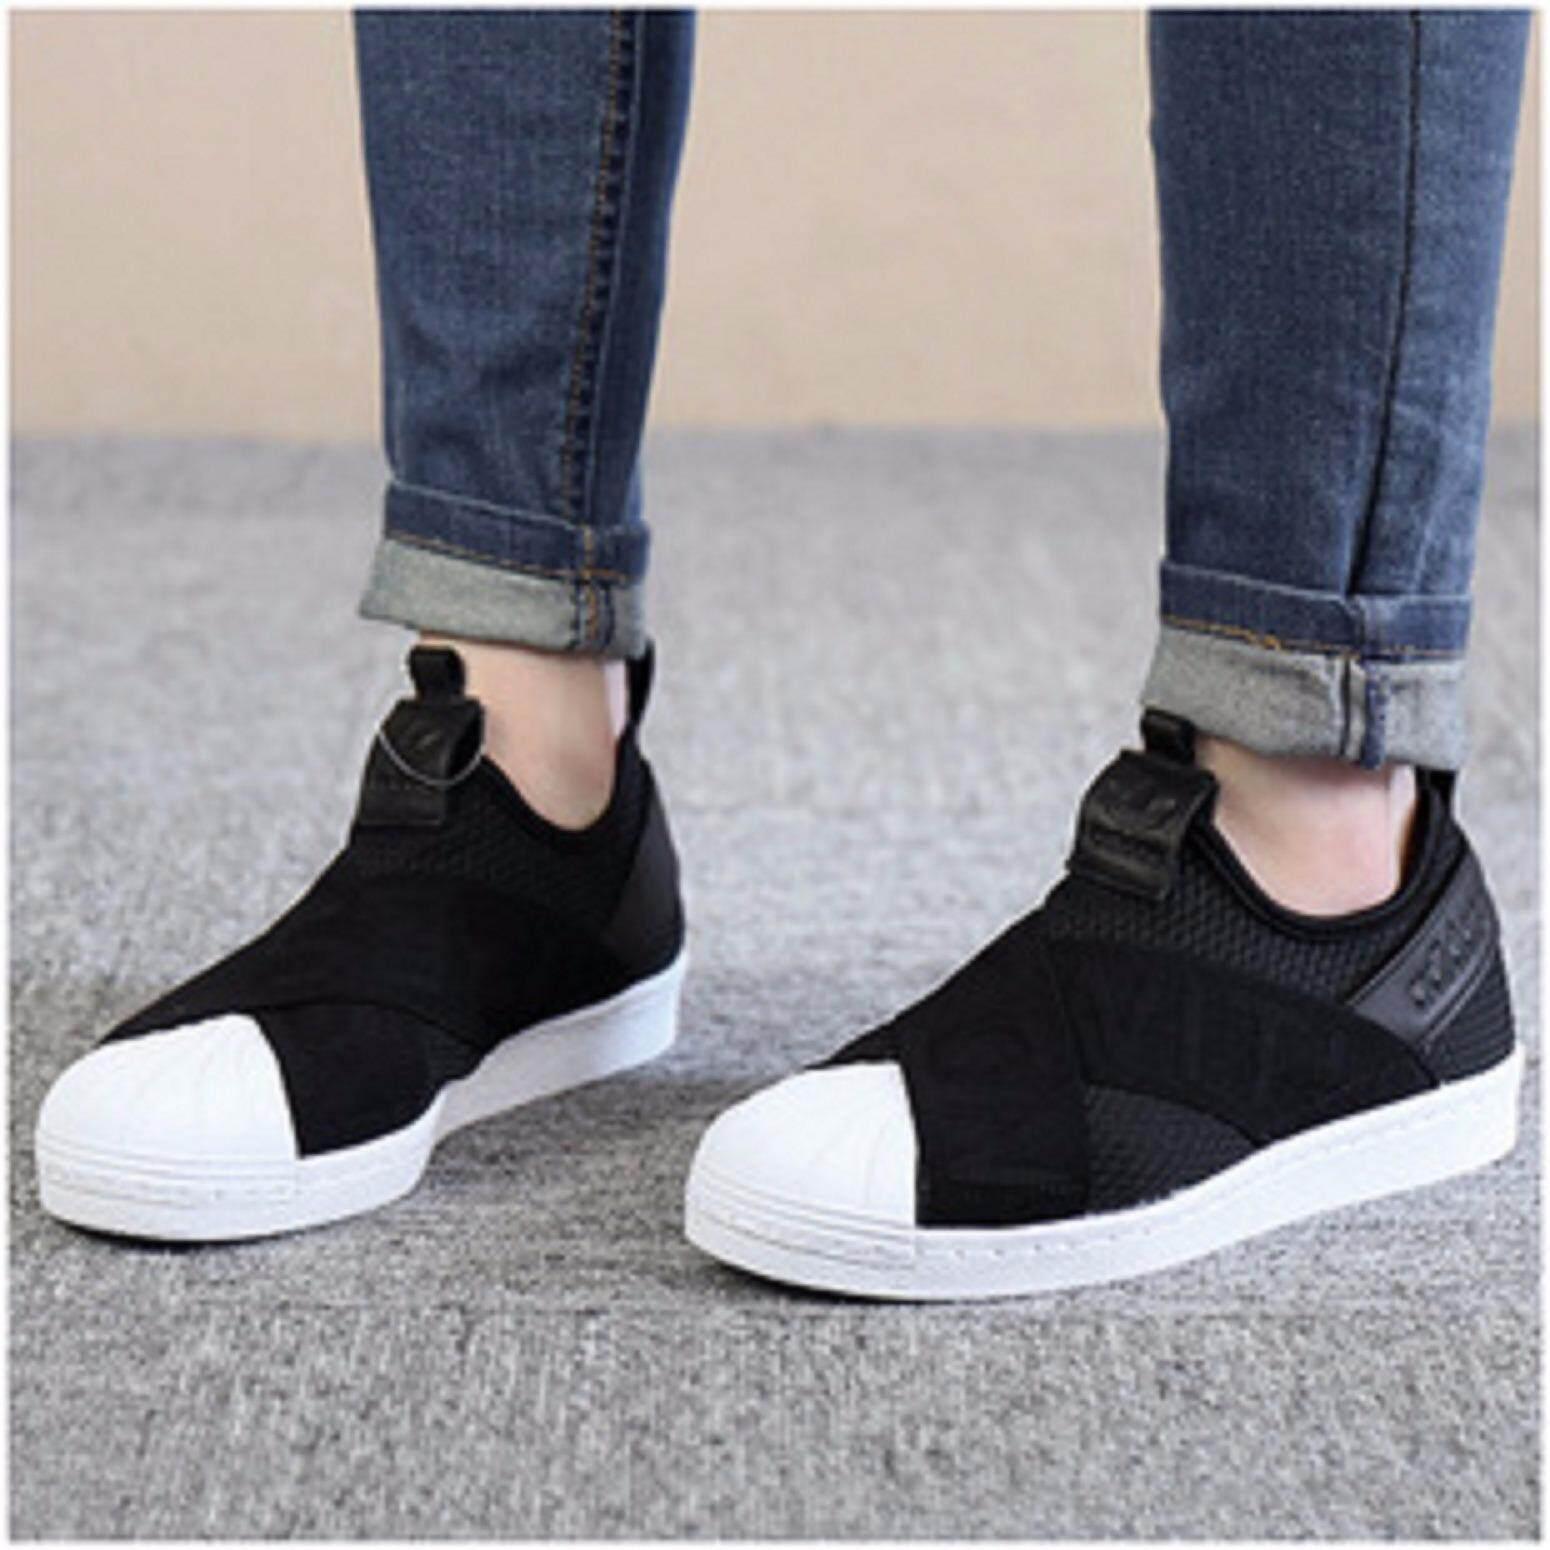 ขายดีมาก! อาดิดาส รองเท้าผ้าใบ ADIDAS SLIP ON แฟชั่น SUPERSTAR USA BLACK (รุ่นใหม่ล่าสุด) ++ลิขสิทธิ์แท้ 100% จาก ADIDAS พร้อมส่ง ส่งด่วน kerry++